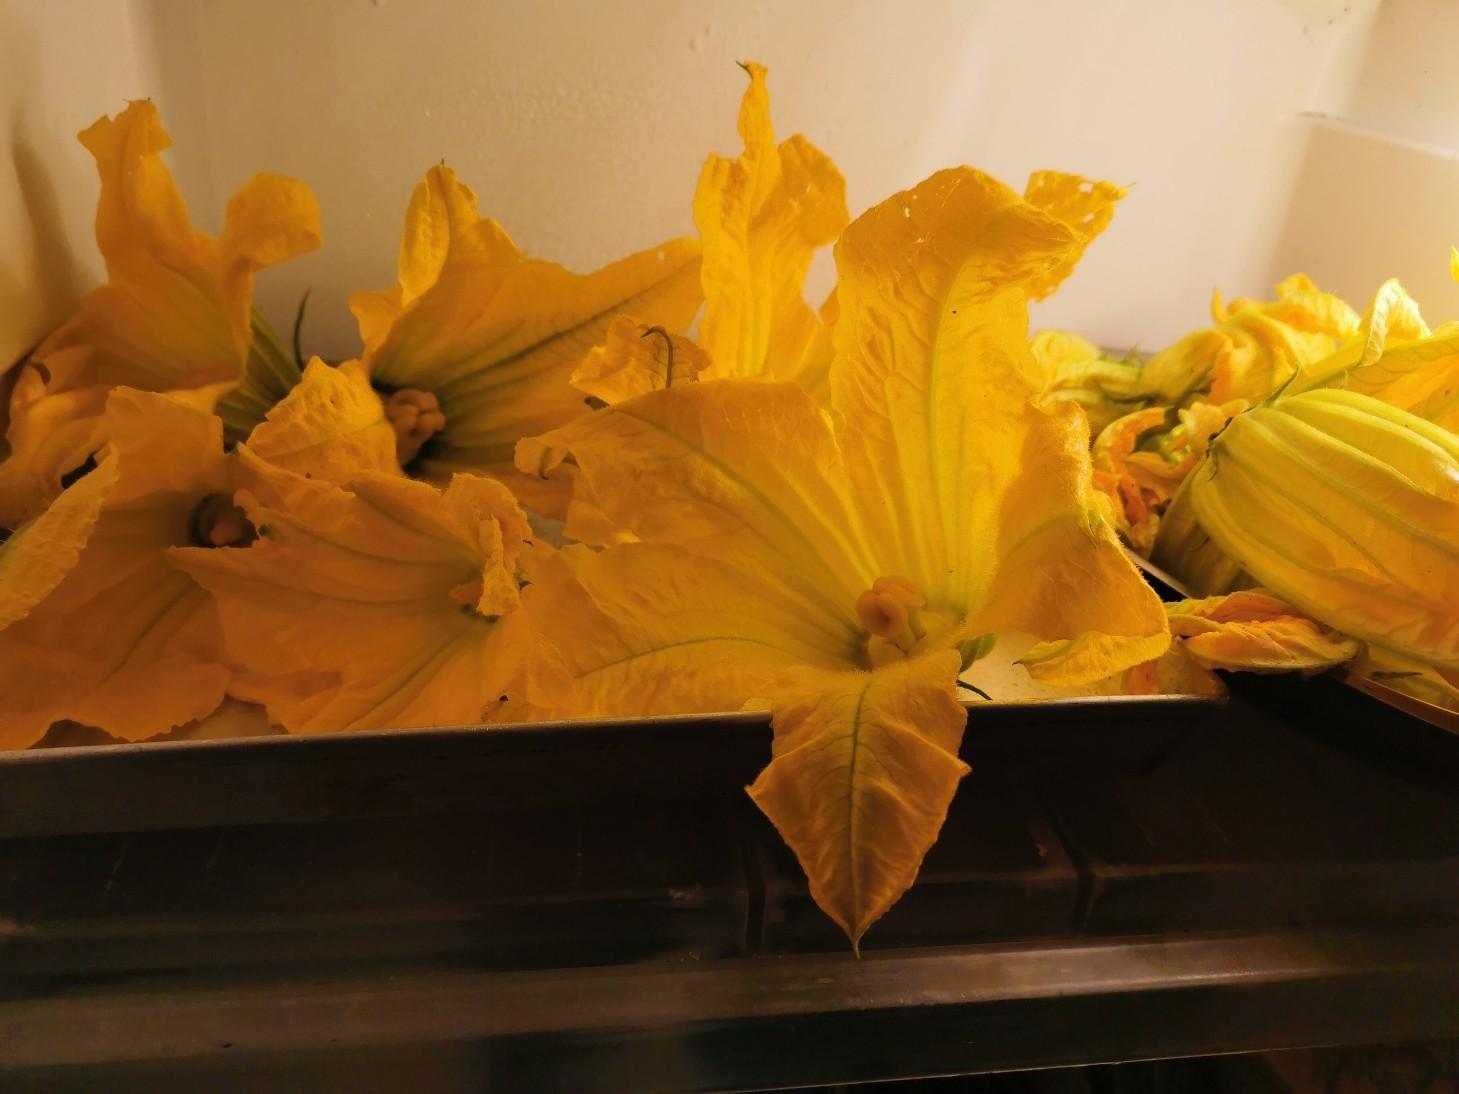 今のイタリアの旬の食べ物は・・・ズッキーニの花のフライ_f0106597_01060197.jpg